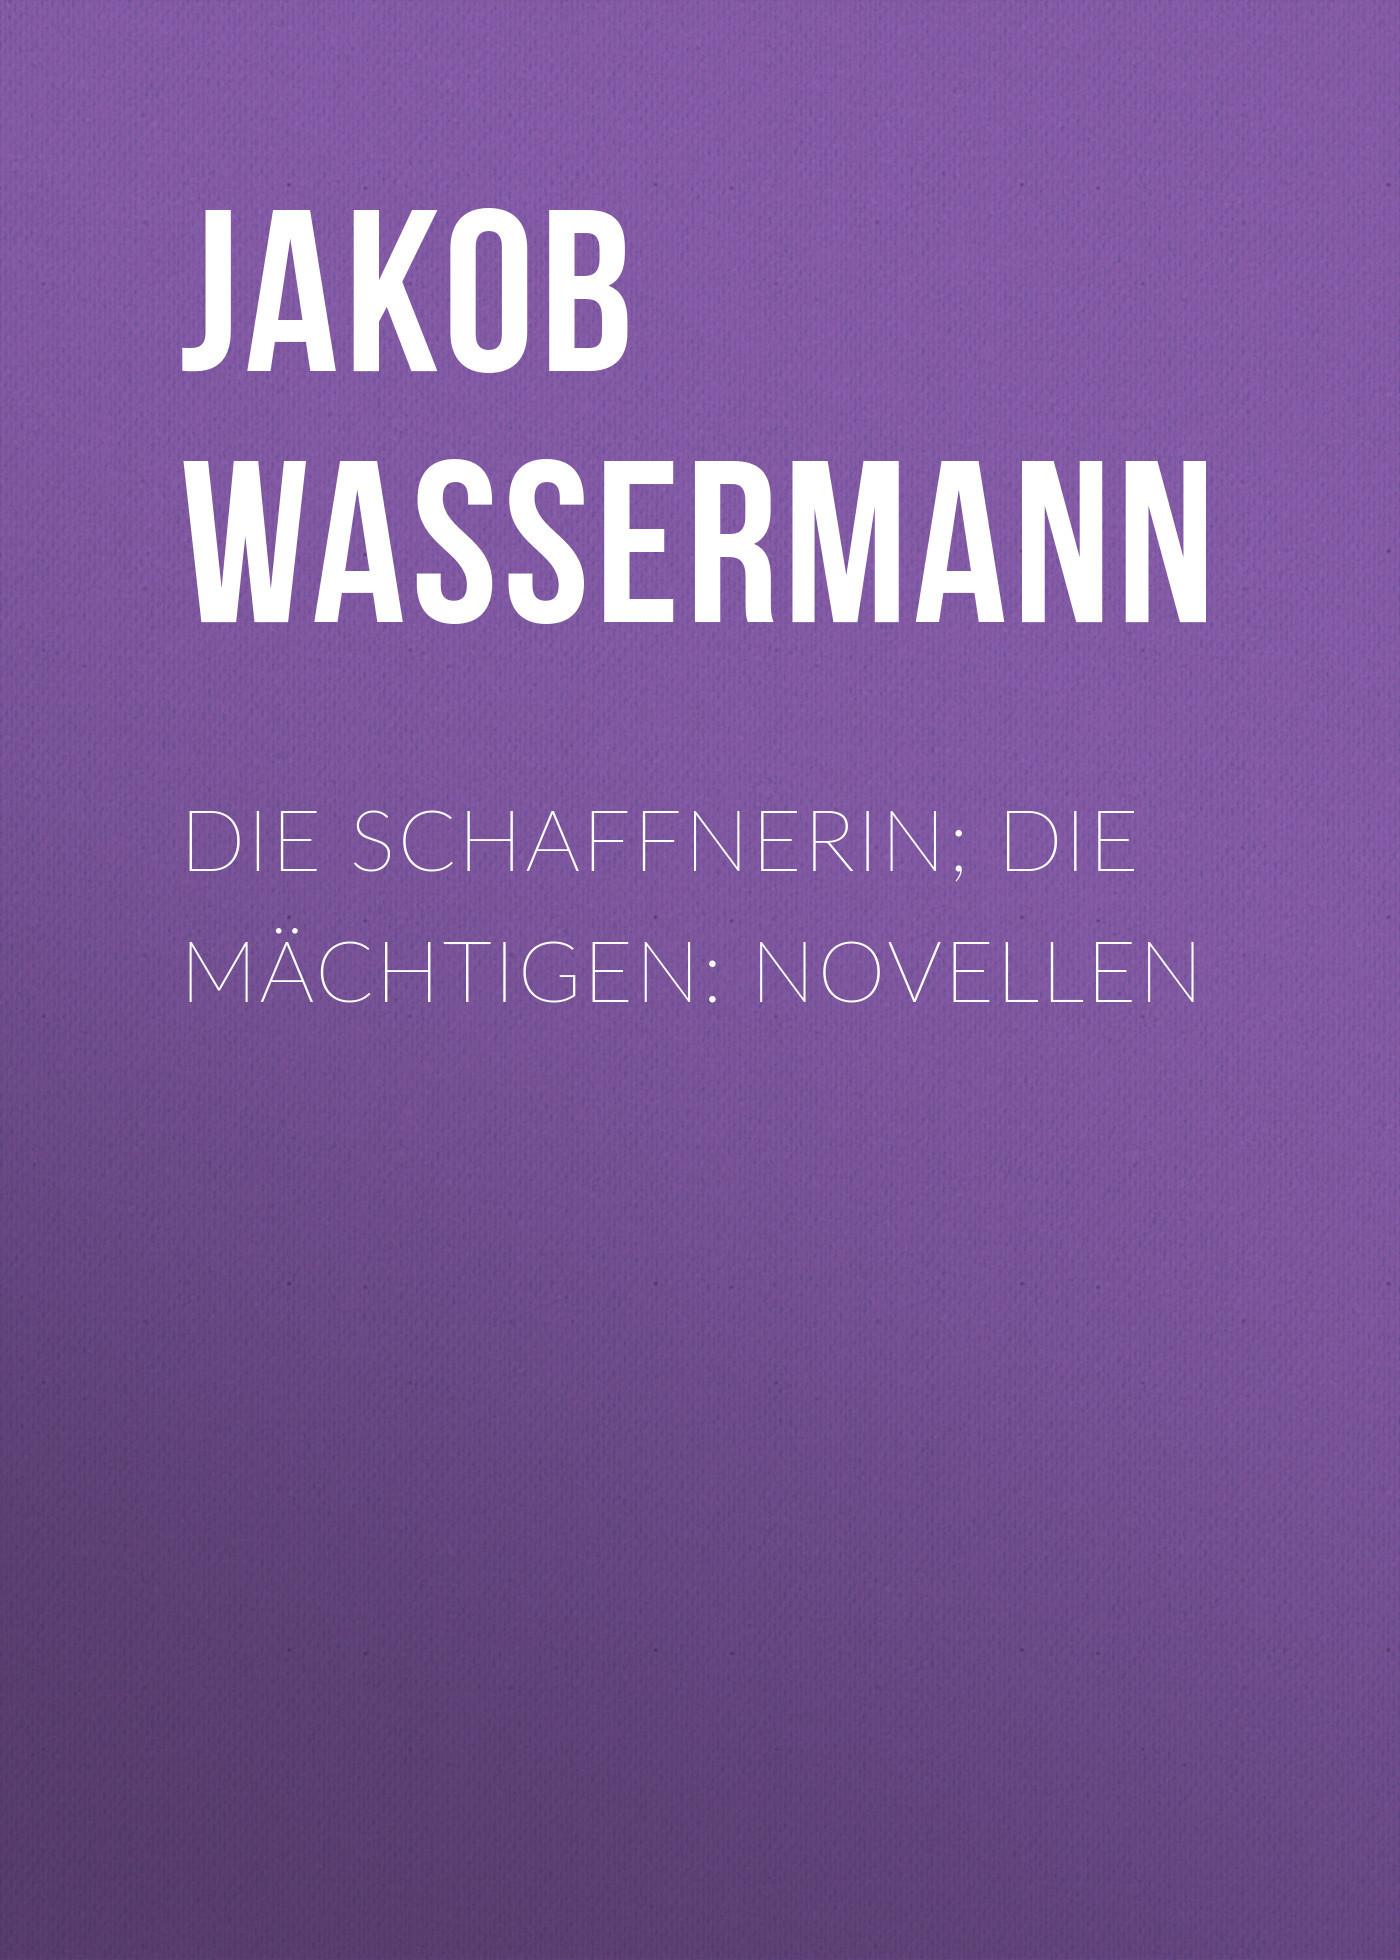 Jakob Wassermann Die Schaffnerin; Die Mächtigen: Novellen die lochis magdeburg